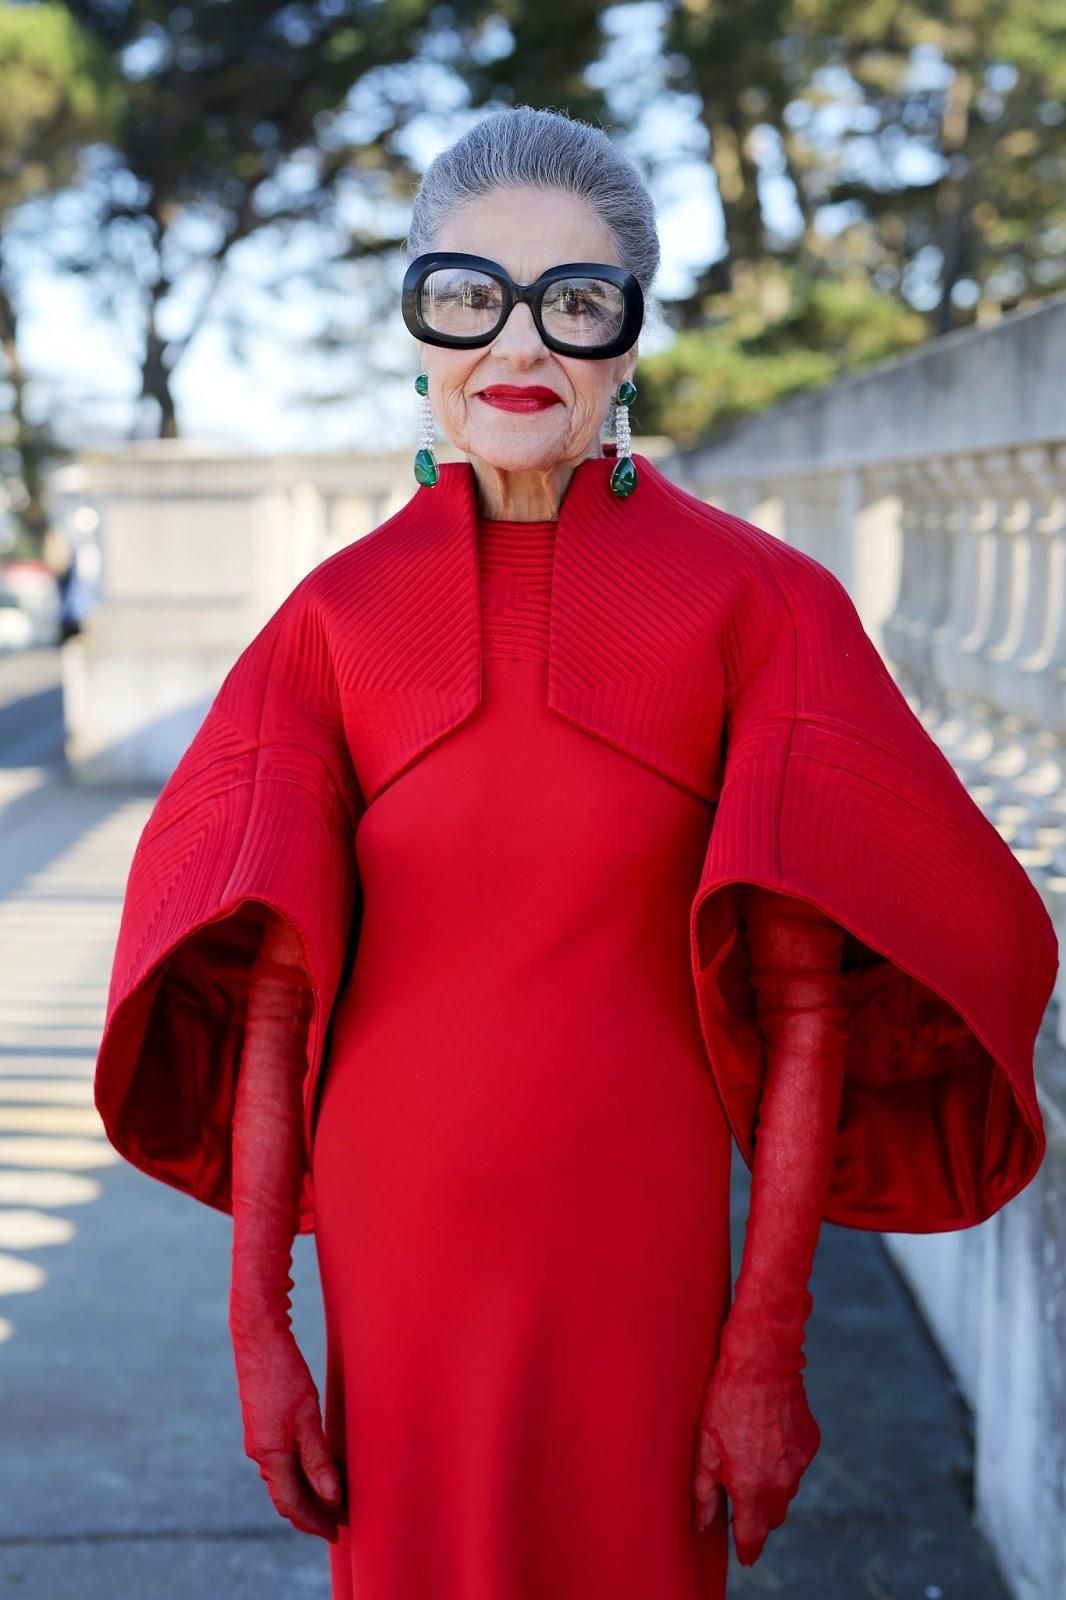 Streetstyle cực chất của những fashionista bô lão ảnh 3